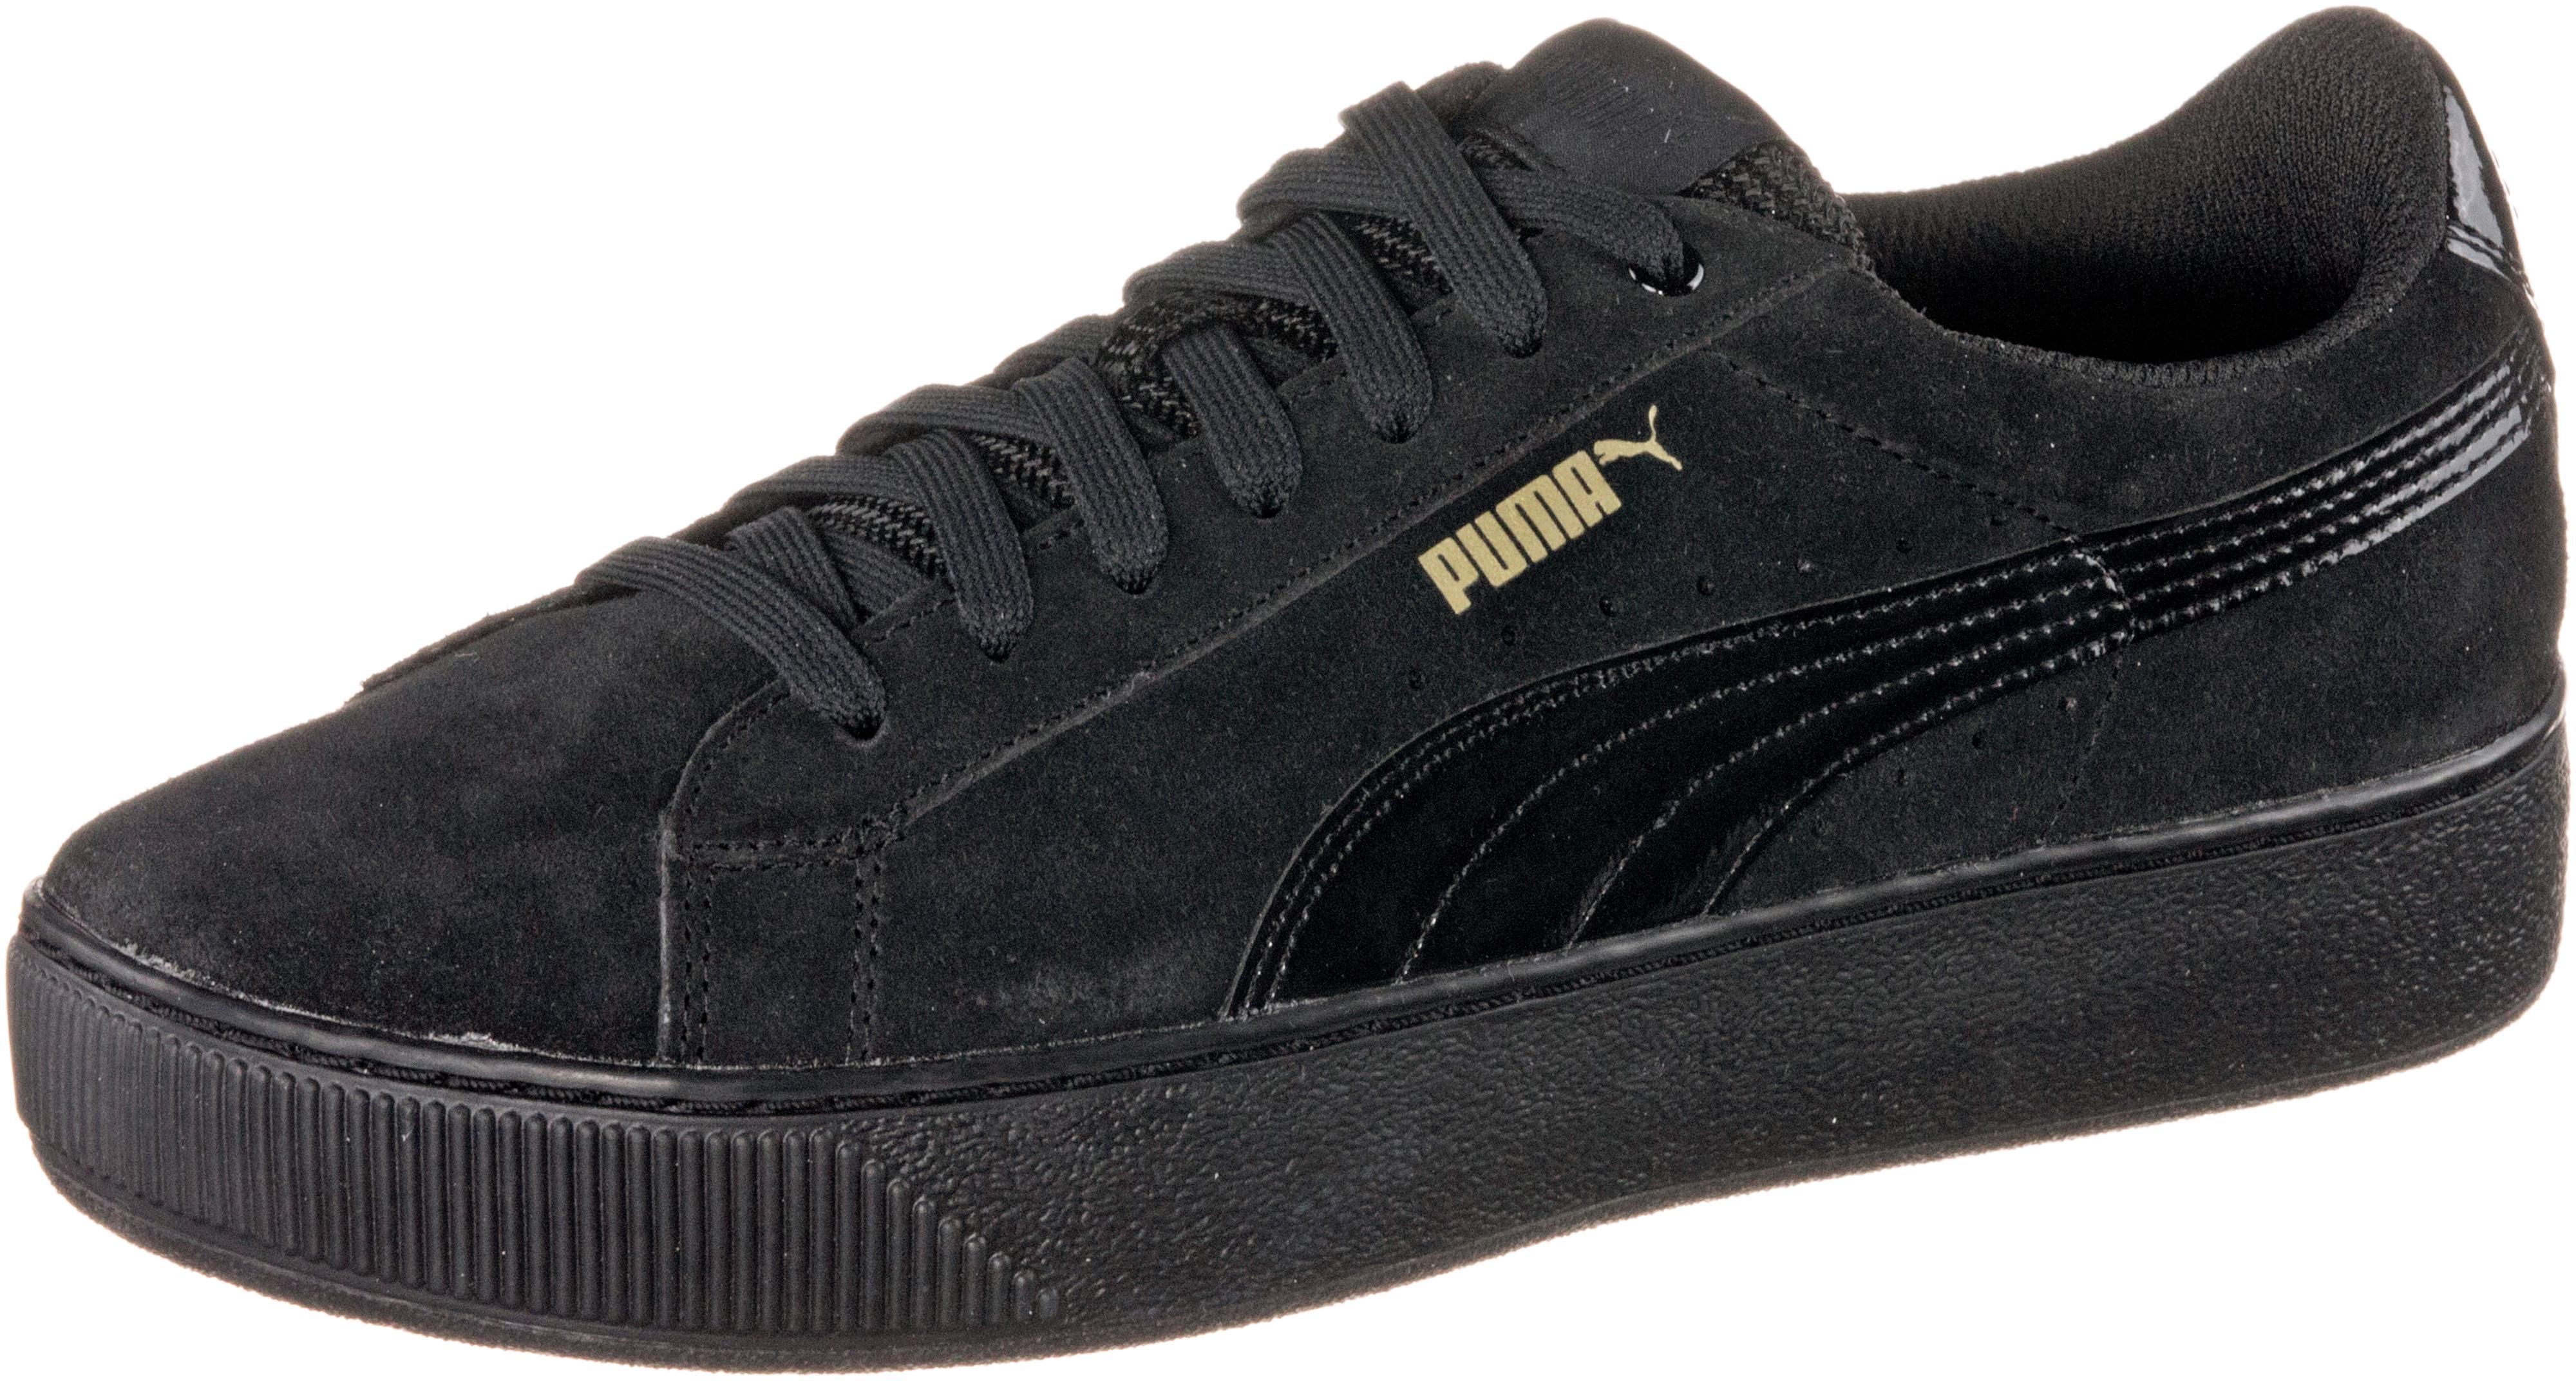 PUMA VIKKY VIKKY VIKKY PLATFORM Turnschuhe Damen schwarz im Online Shop von SportScheck kaufen Gute Qualität beliebte Schuhe edaf37